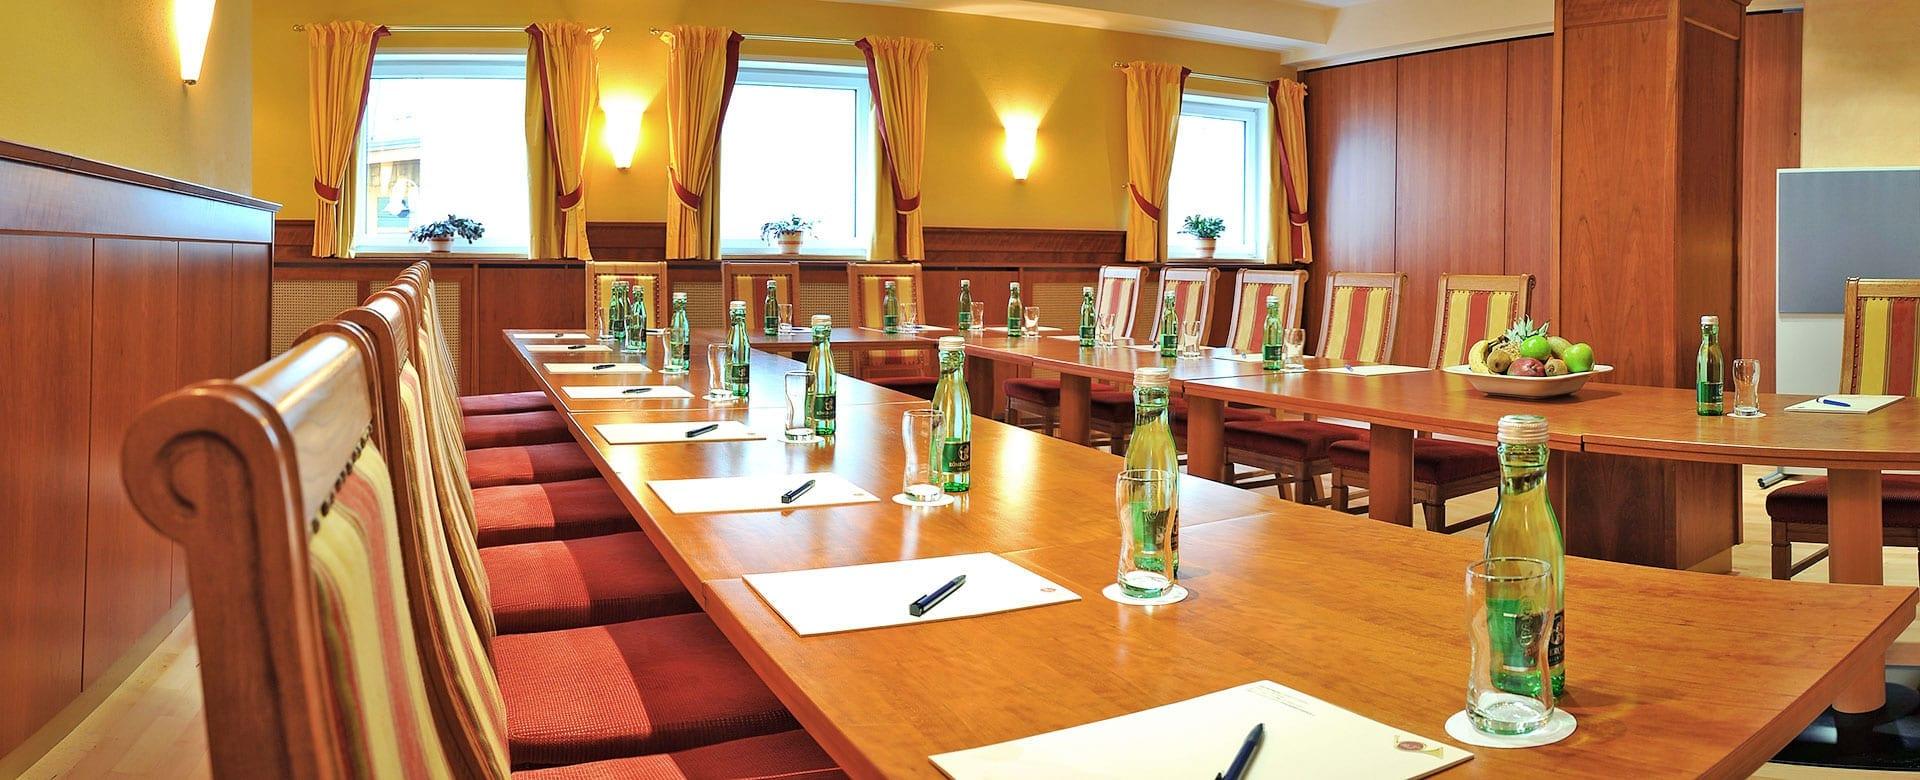 Seminare in Radstadt –Seminarraum im Hotel Post, Salzburger Land